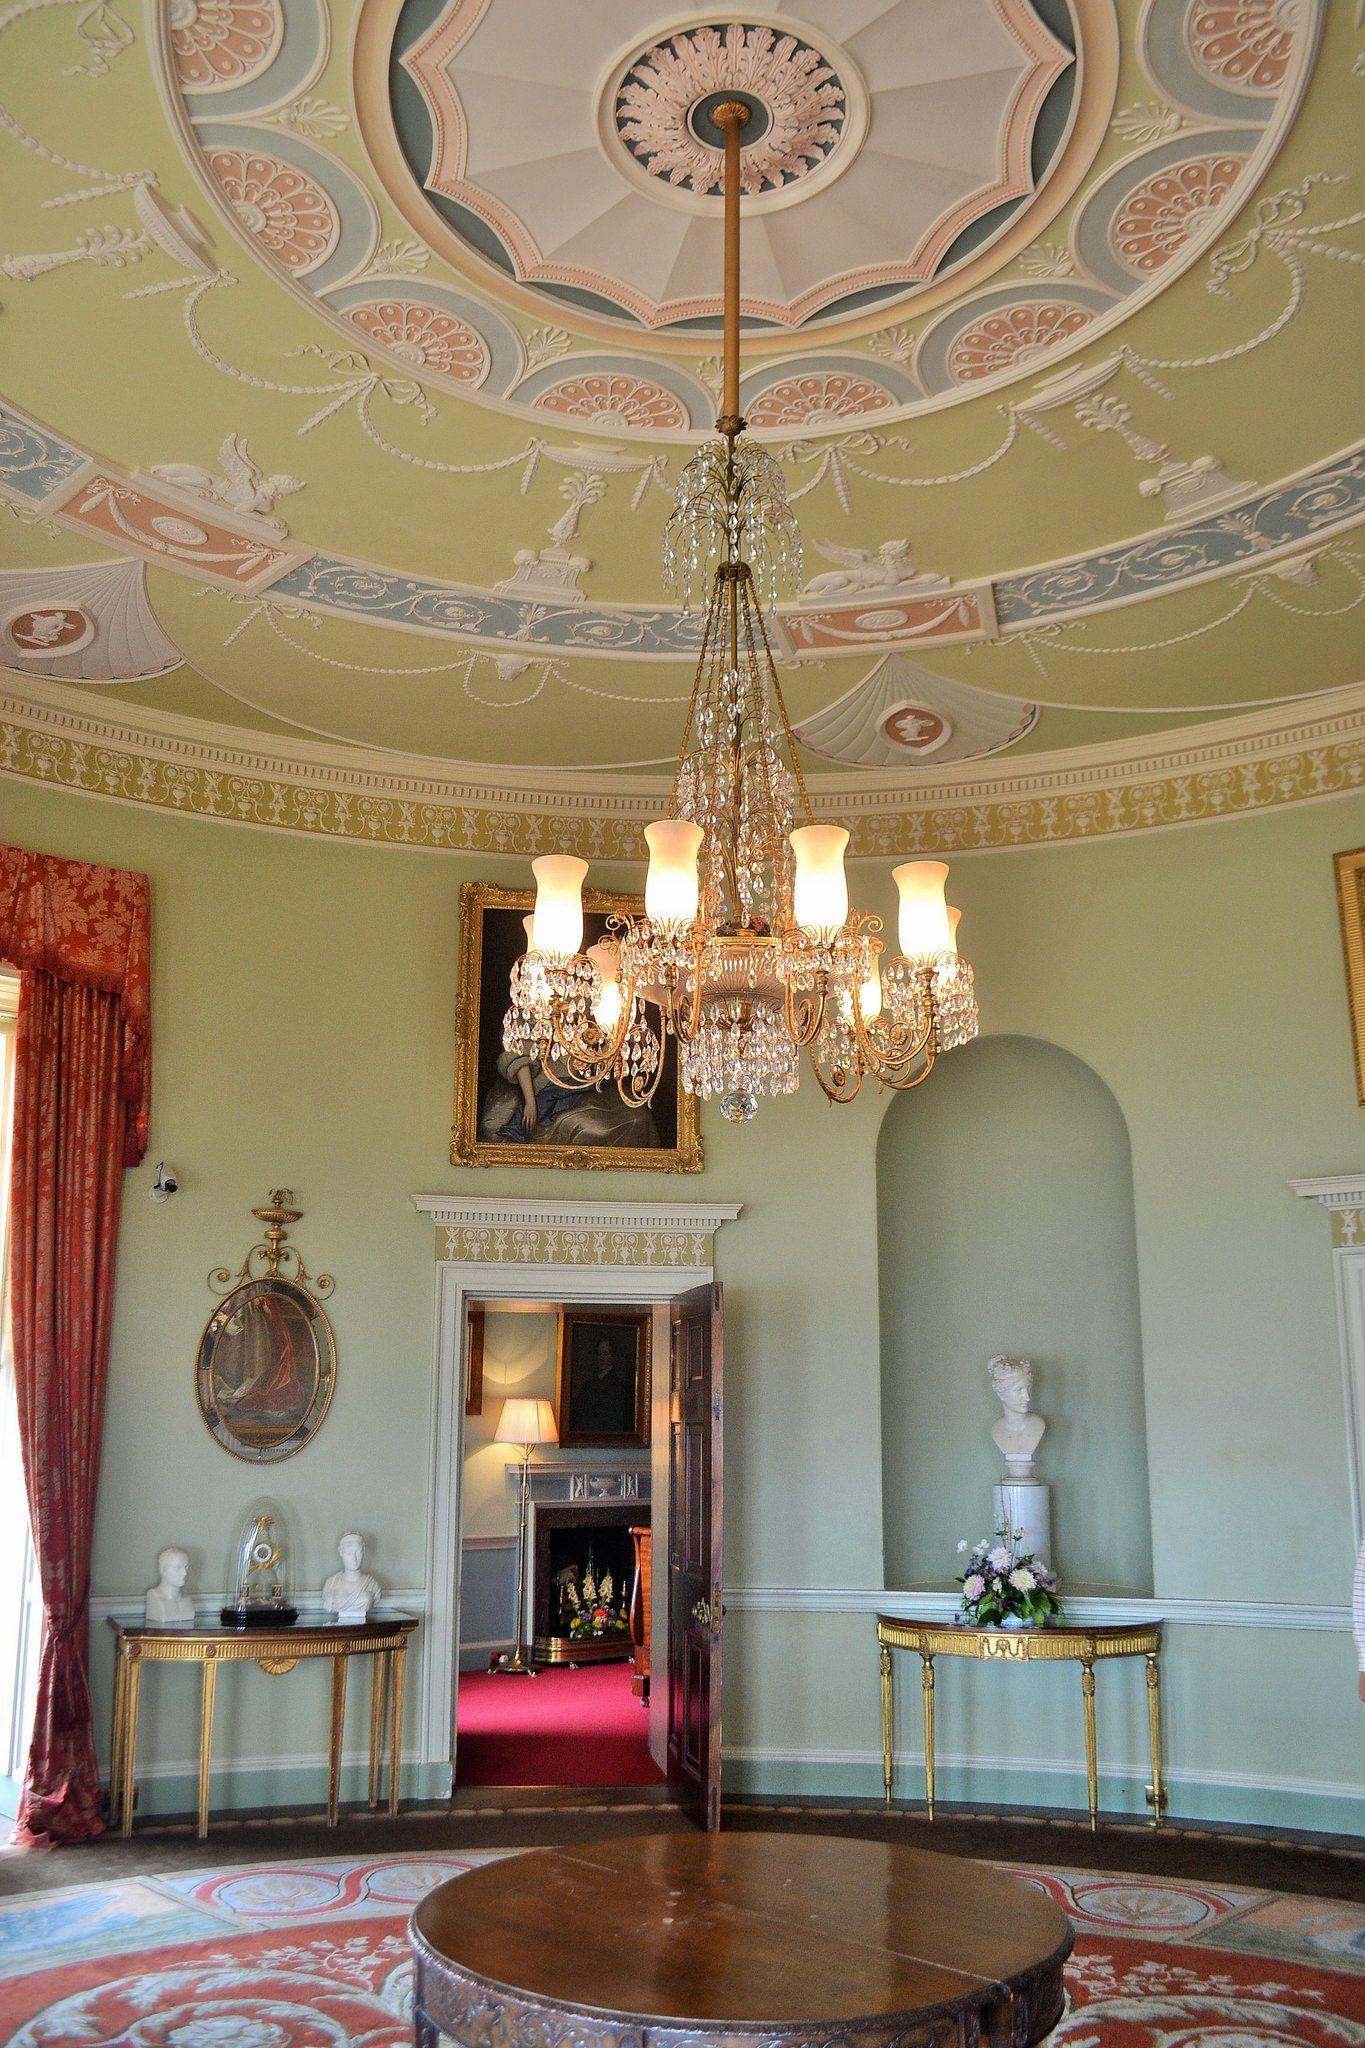 Castle Drawing Room: Ceiling Color Design, Inside